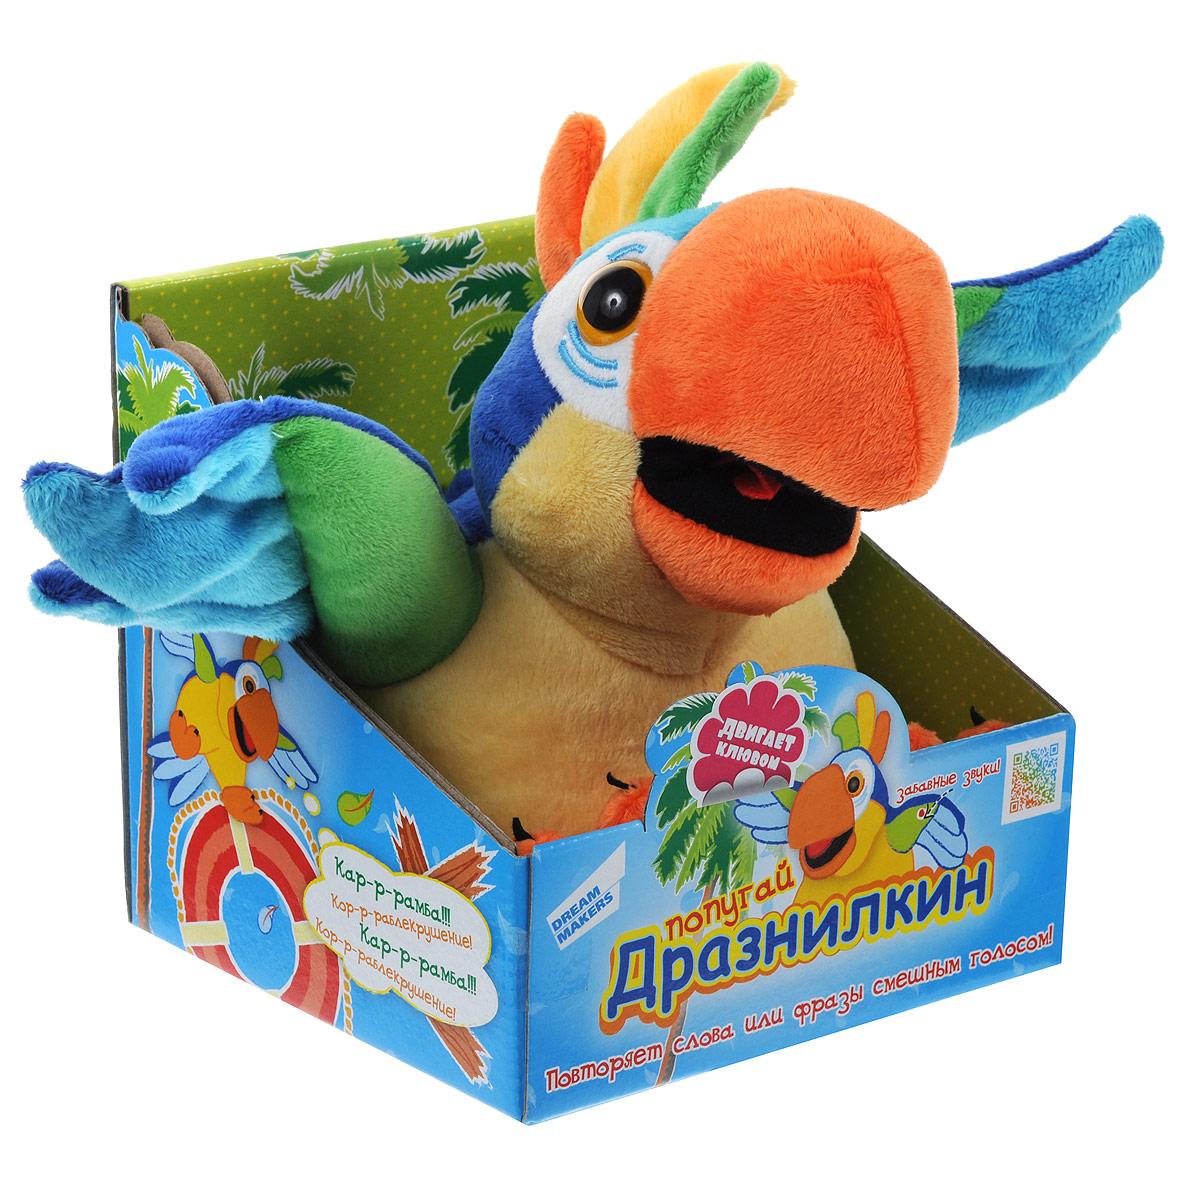 Интерактивная игрушка Попугай Дразнилкин купить гоша интерактивная игрушка